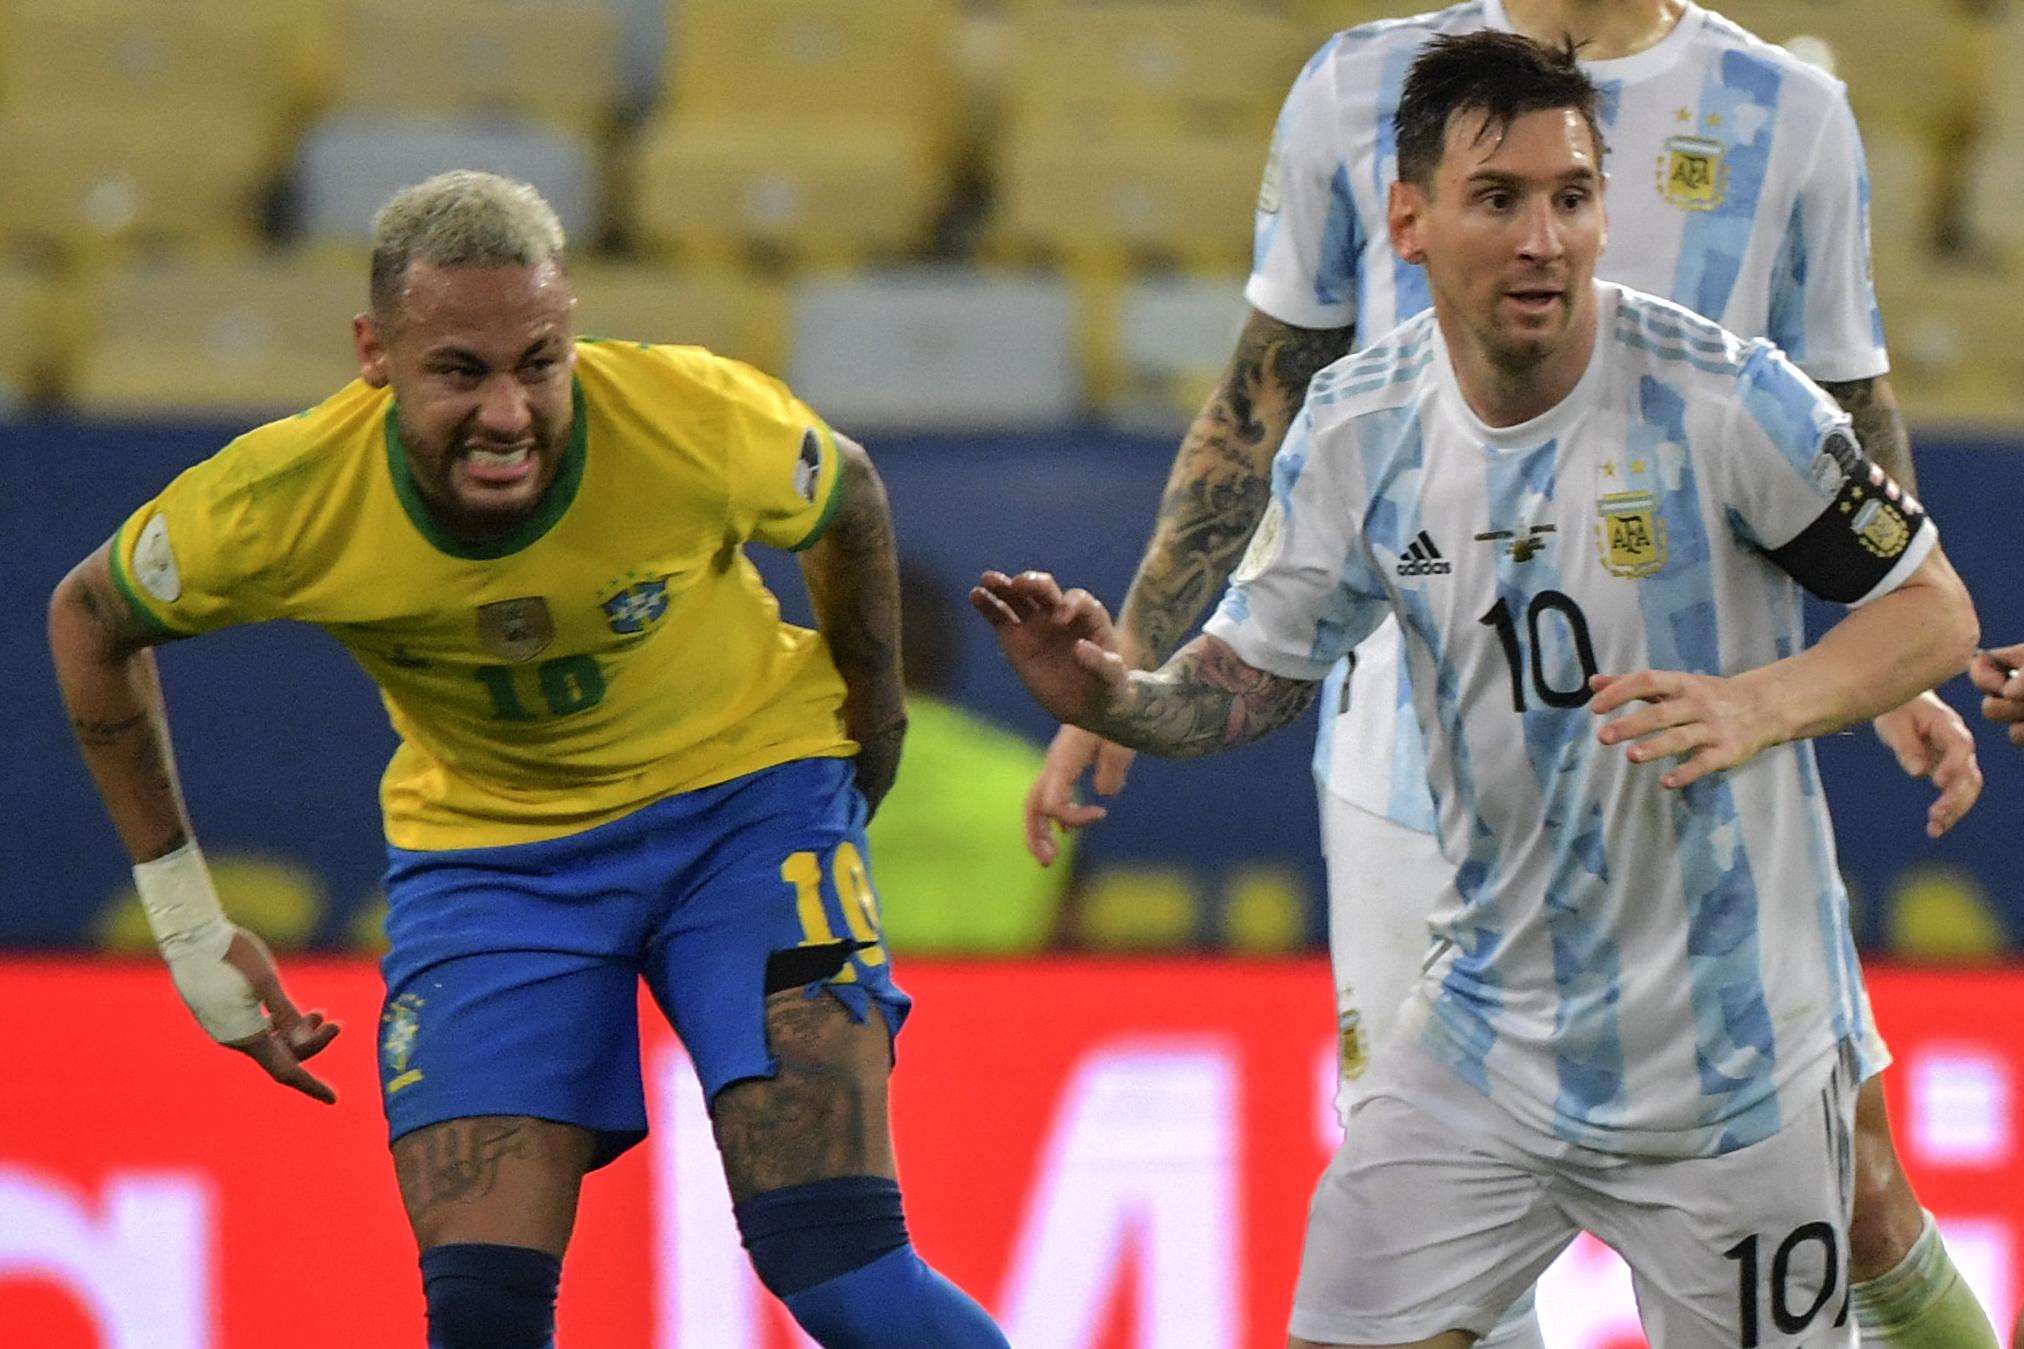 मैच के दौरान दुनिया के 2 बेहतरीन फॉरवर्ड ब्राजील के नेमार और अर्जेंटीना के मेसी के बीच शानदार जंग देखने को मिली।